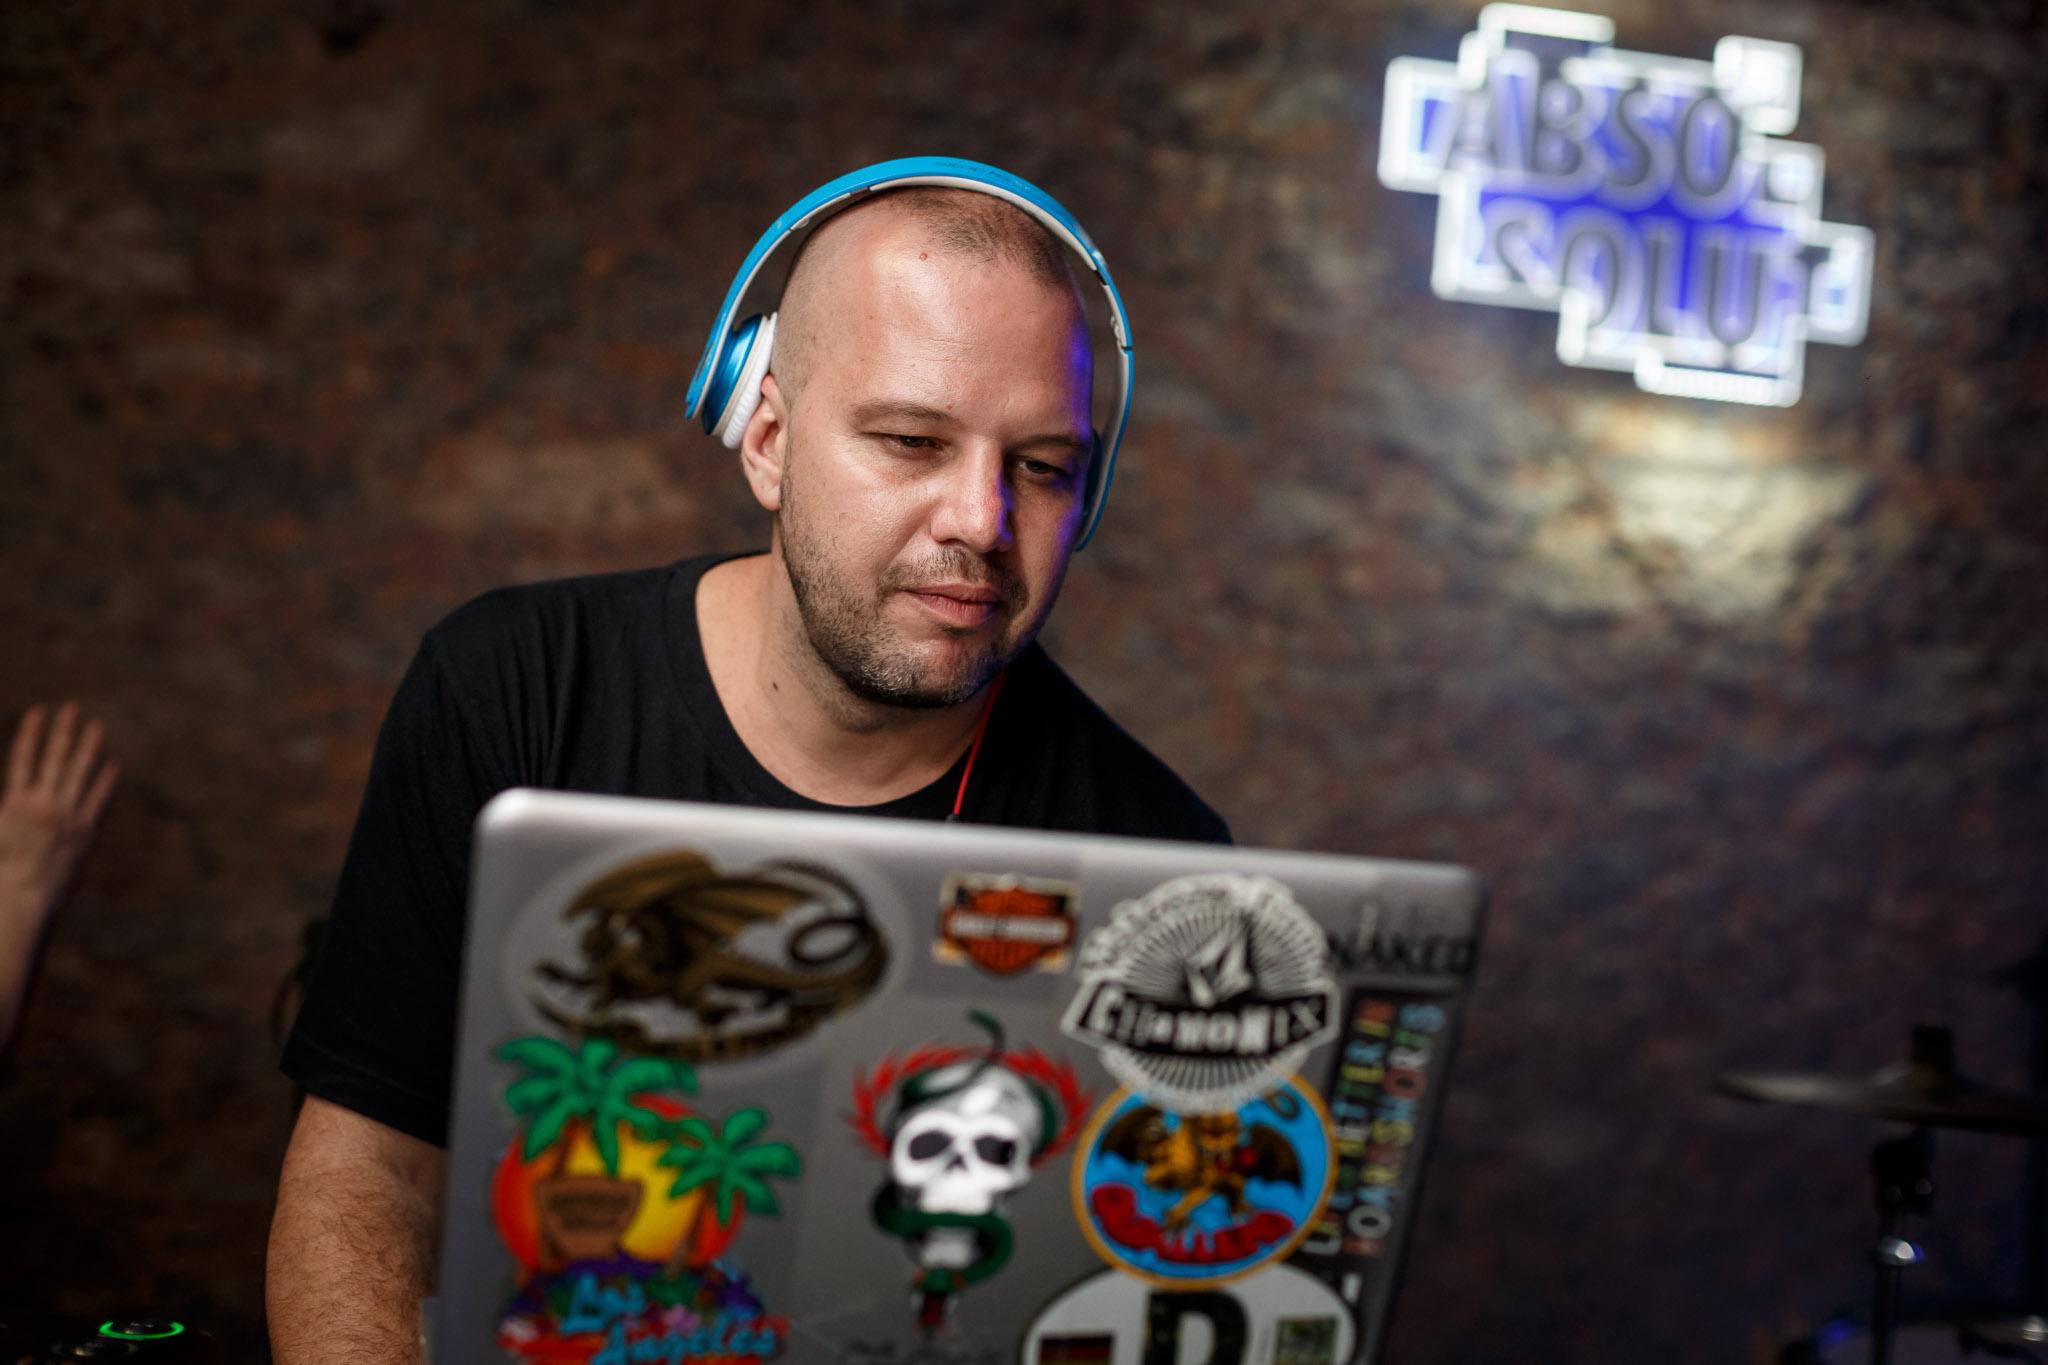 DJ Cadinho